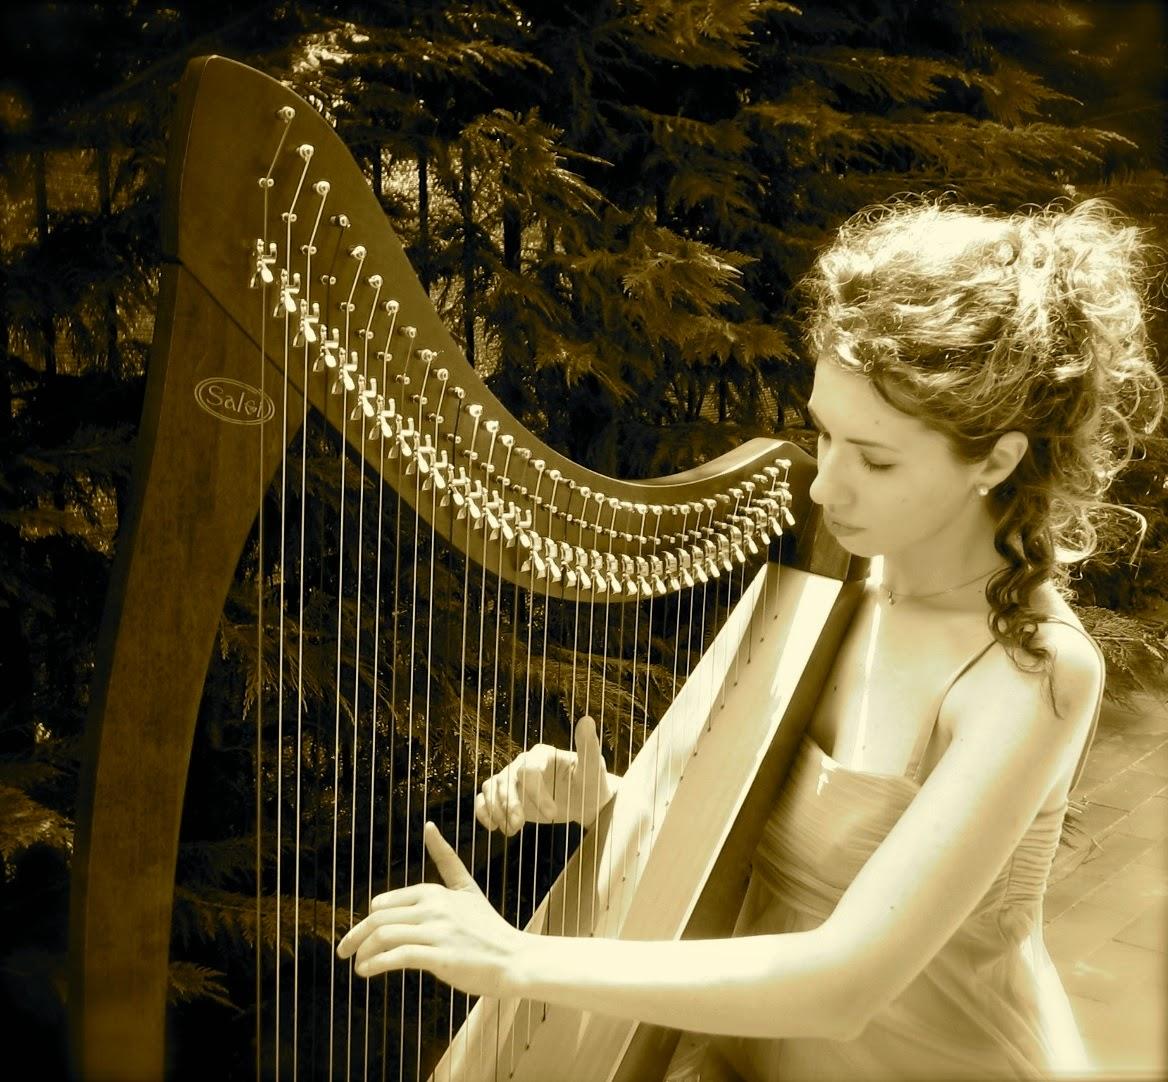 suonatrice di arpa celtica